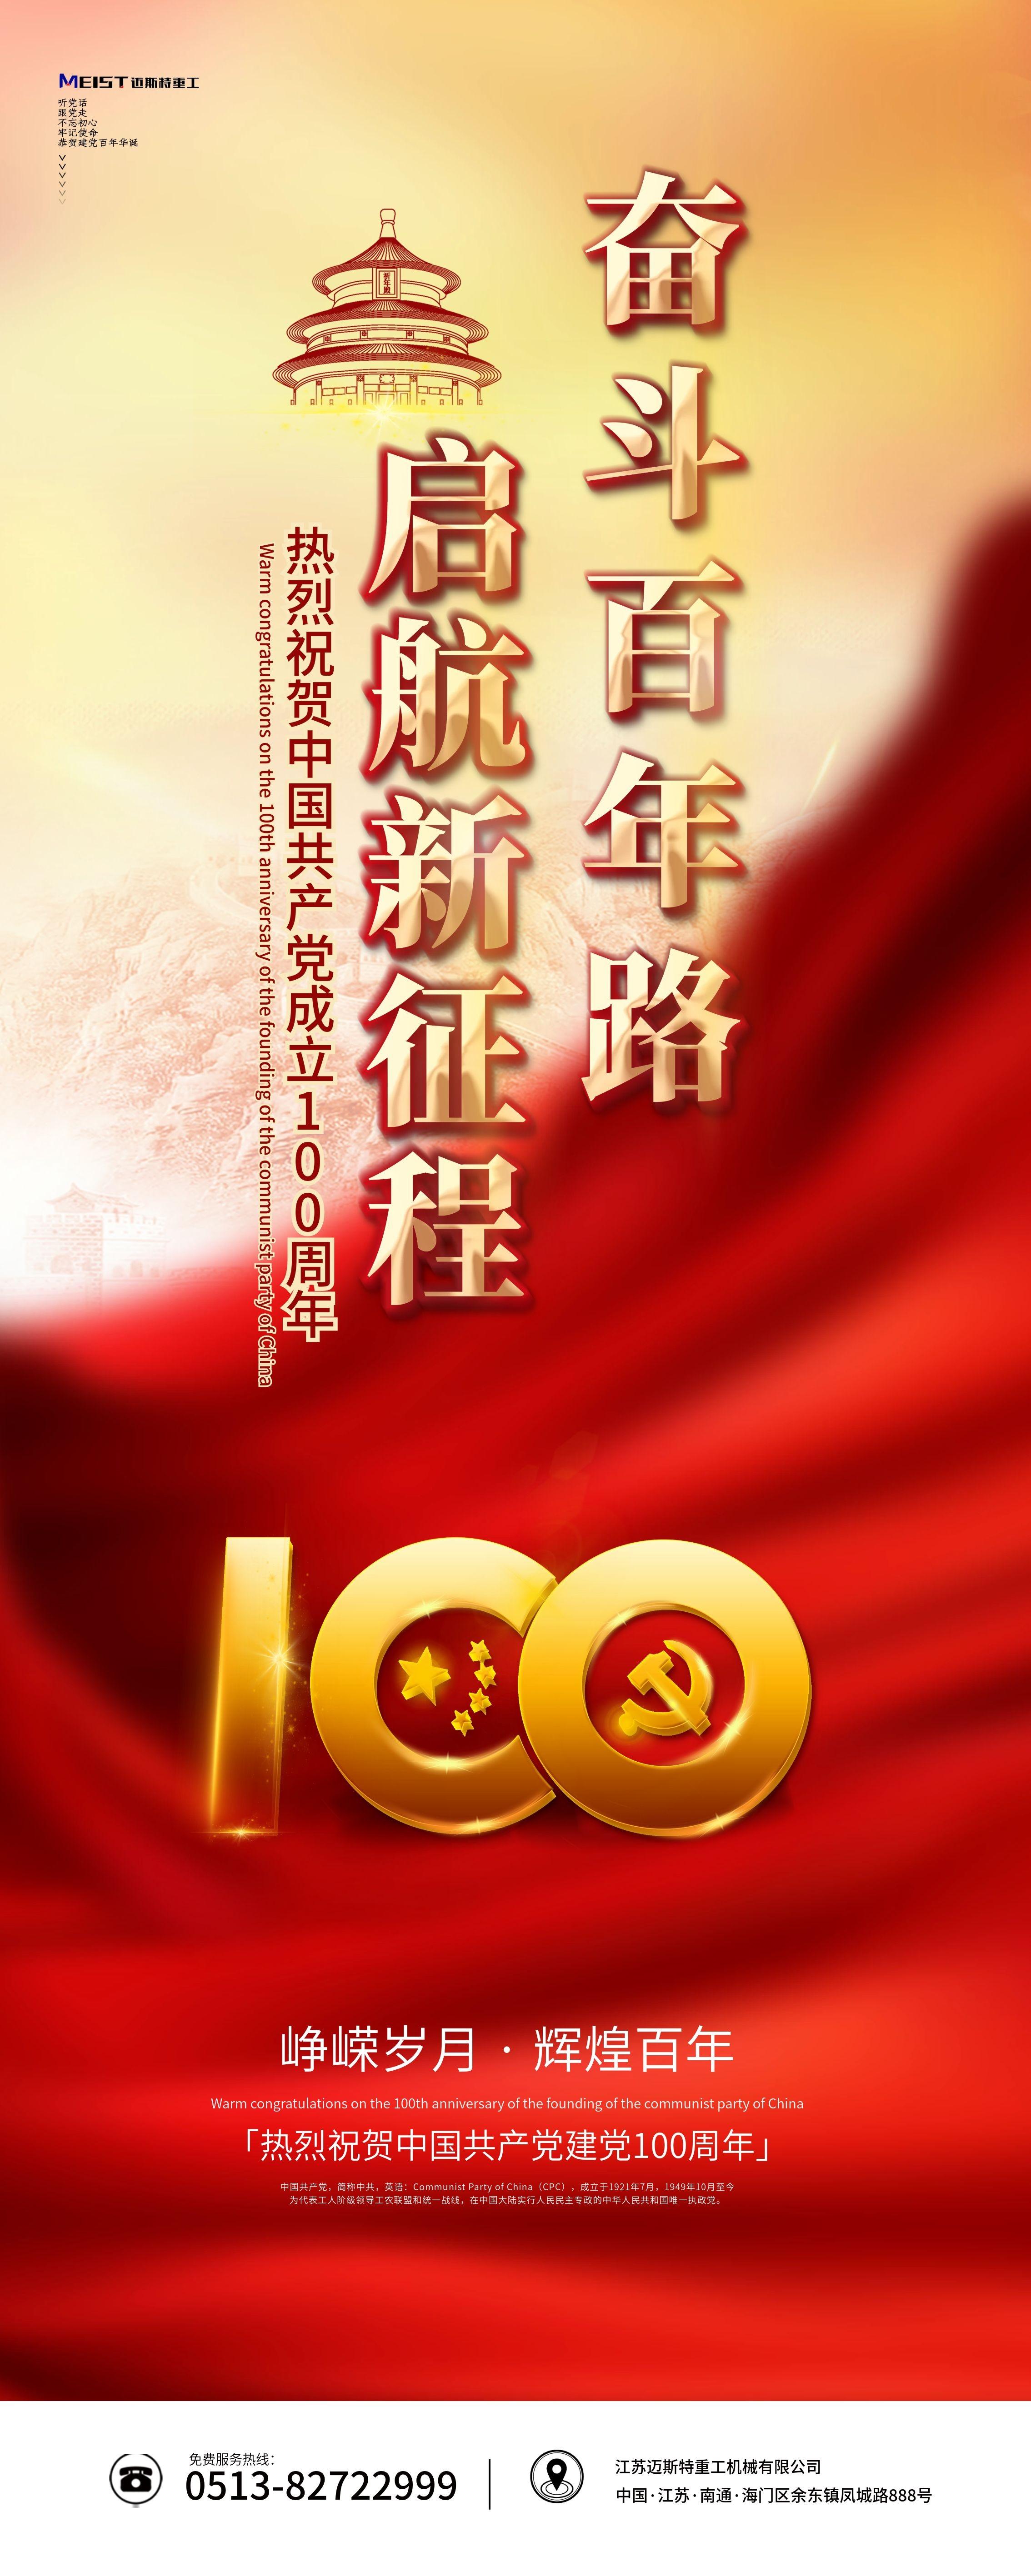 大发快三下载手机版热烈庆祝中国共产党建党100周年